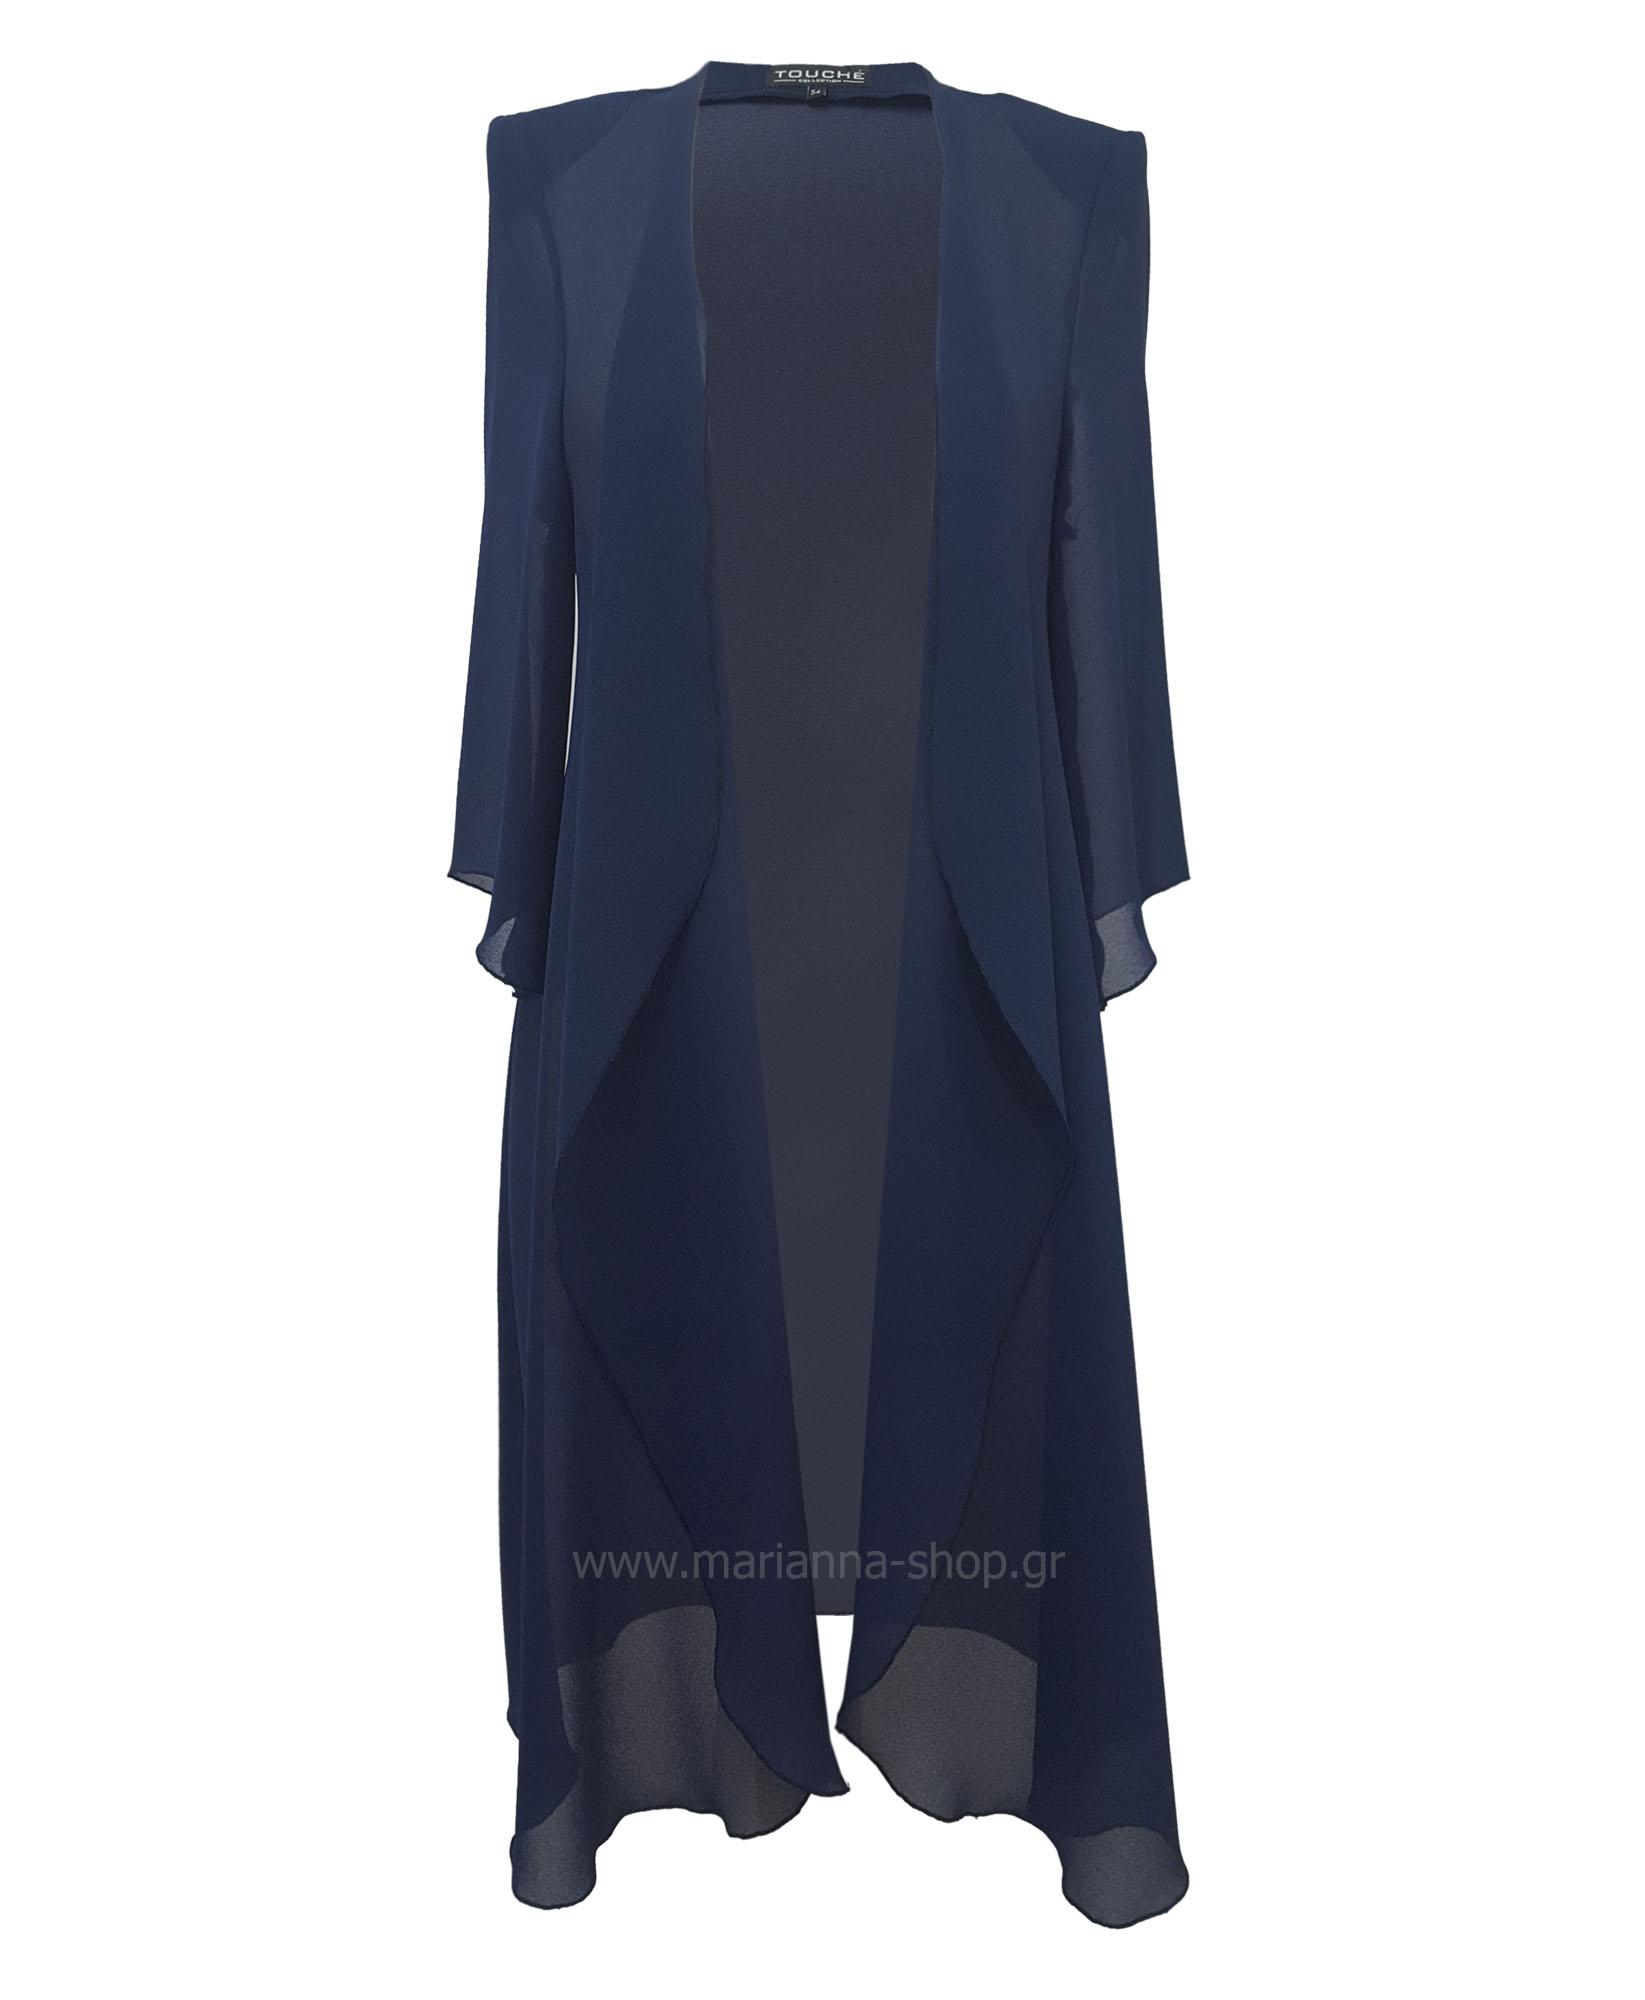 Πανωφόρια   Ζακέτες-Τούνικ μπλέ 3189ba2e176